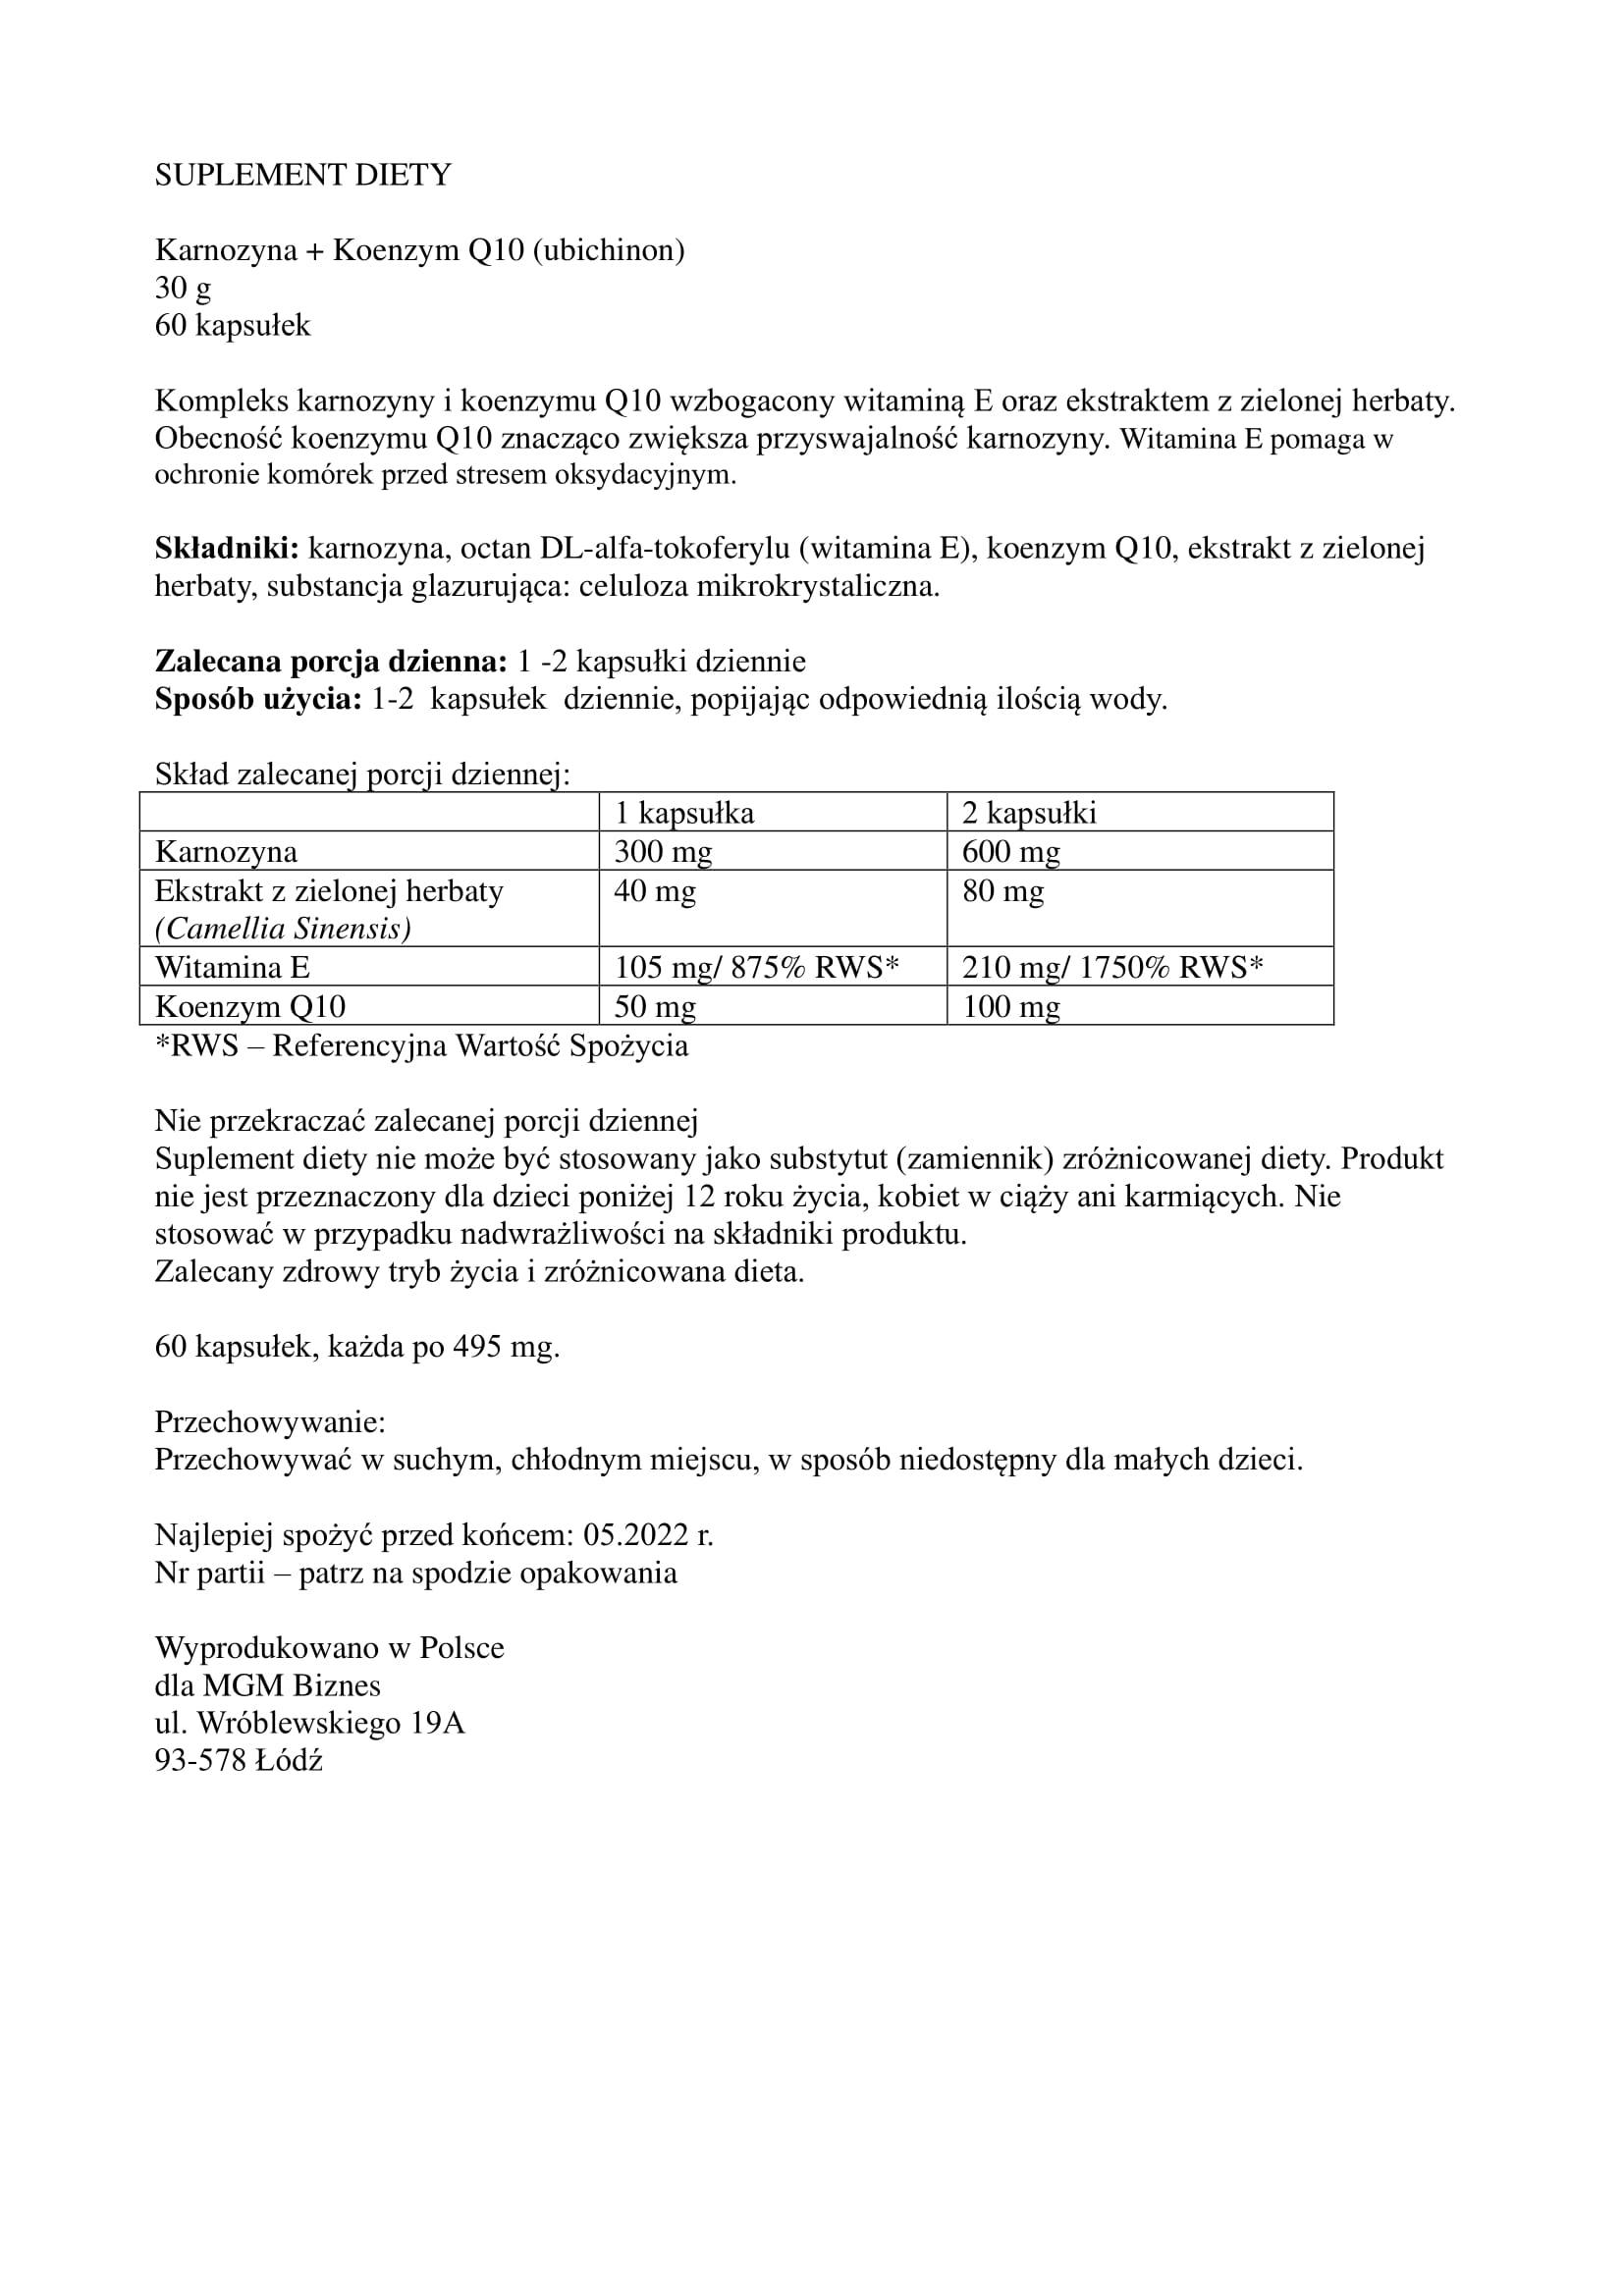 karnozyna plus koenzym-1.jpg